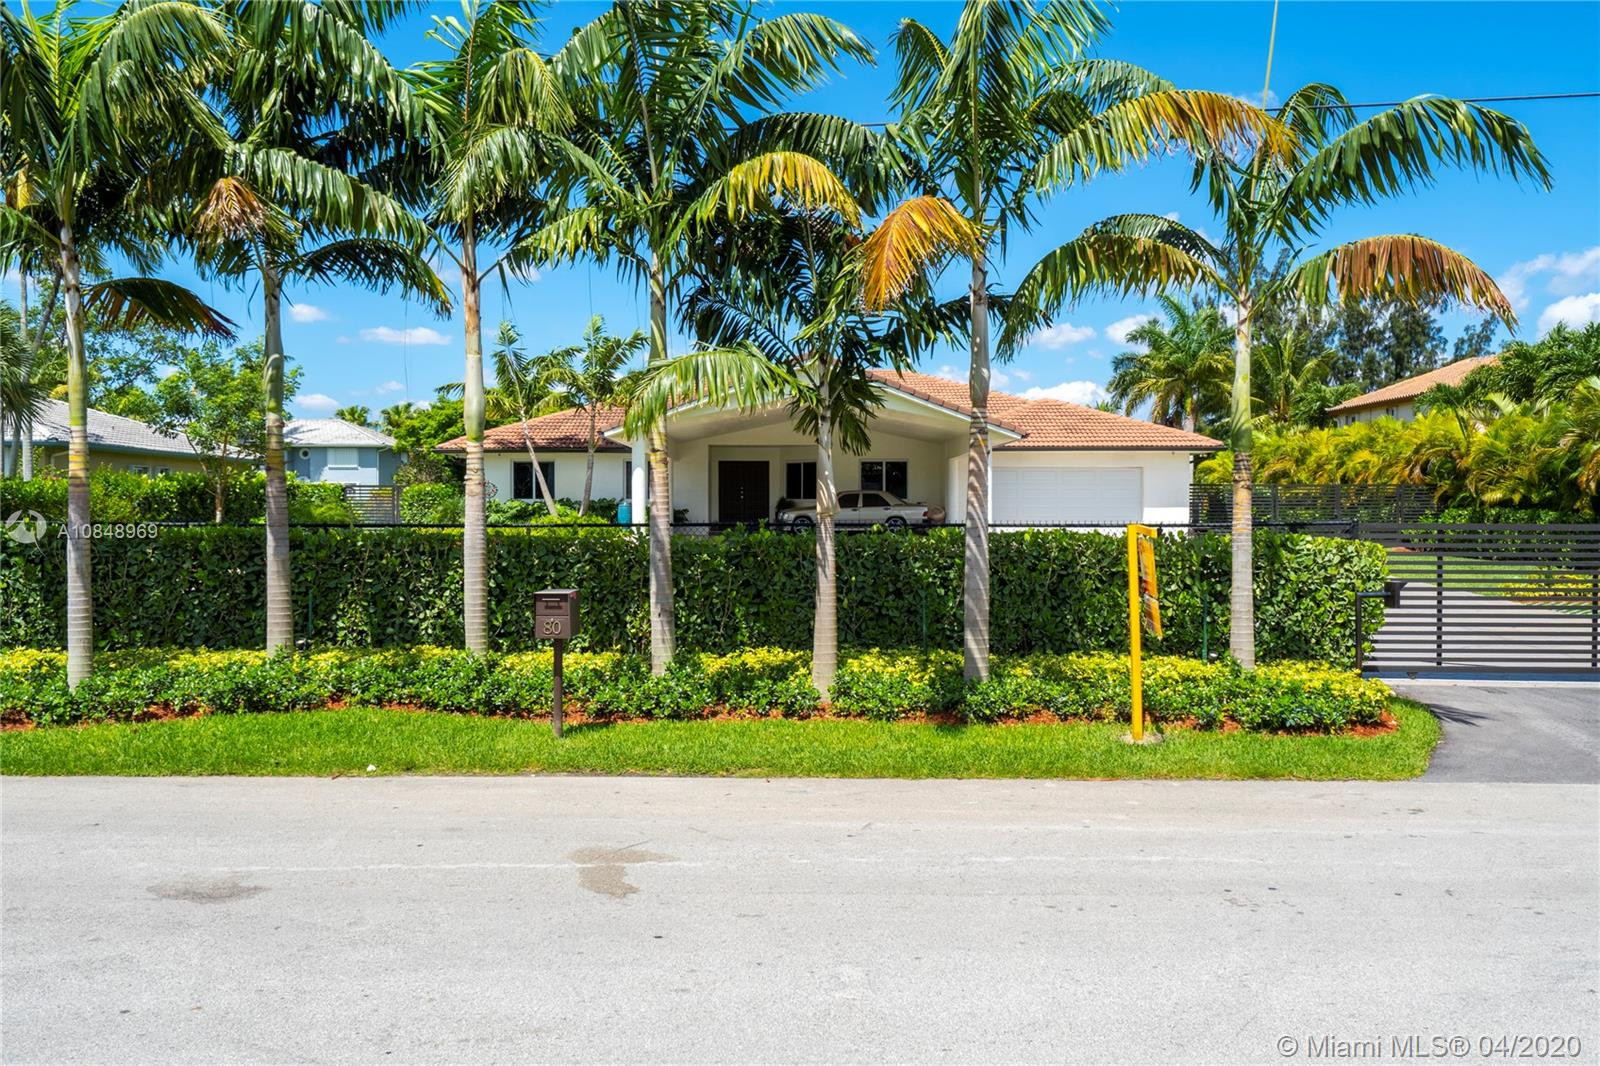 80 SW 123rd Ave, Miami, FL 33184